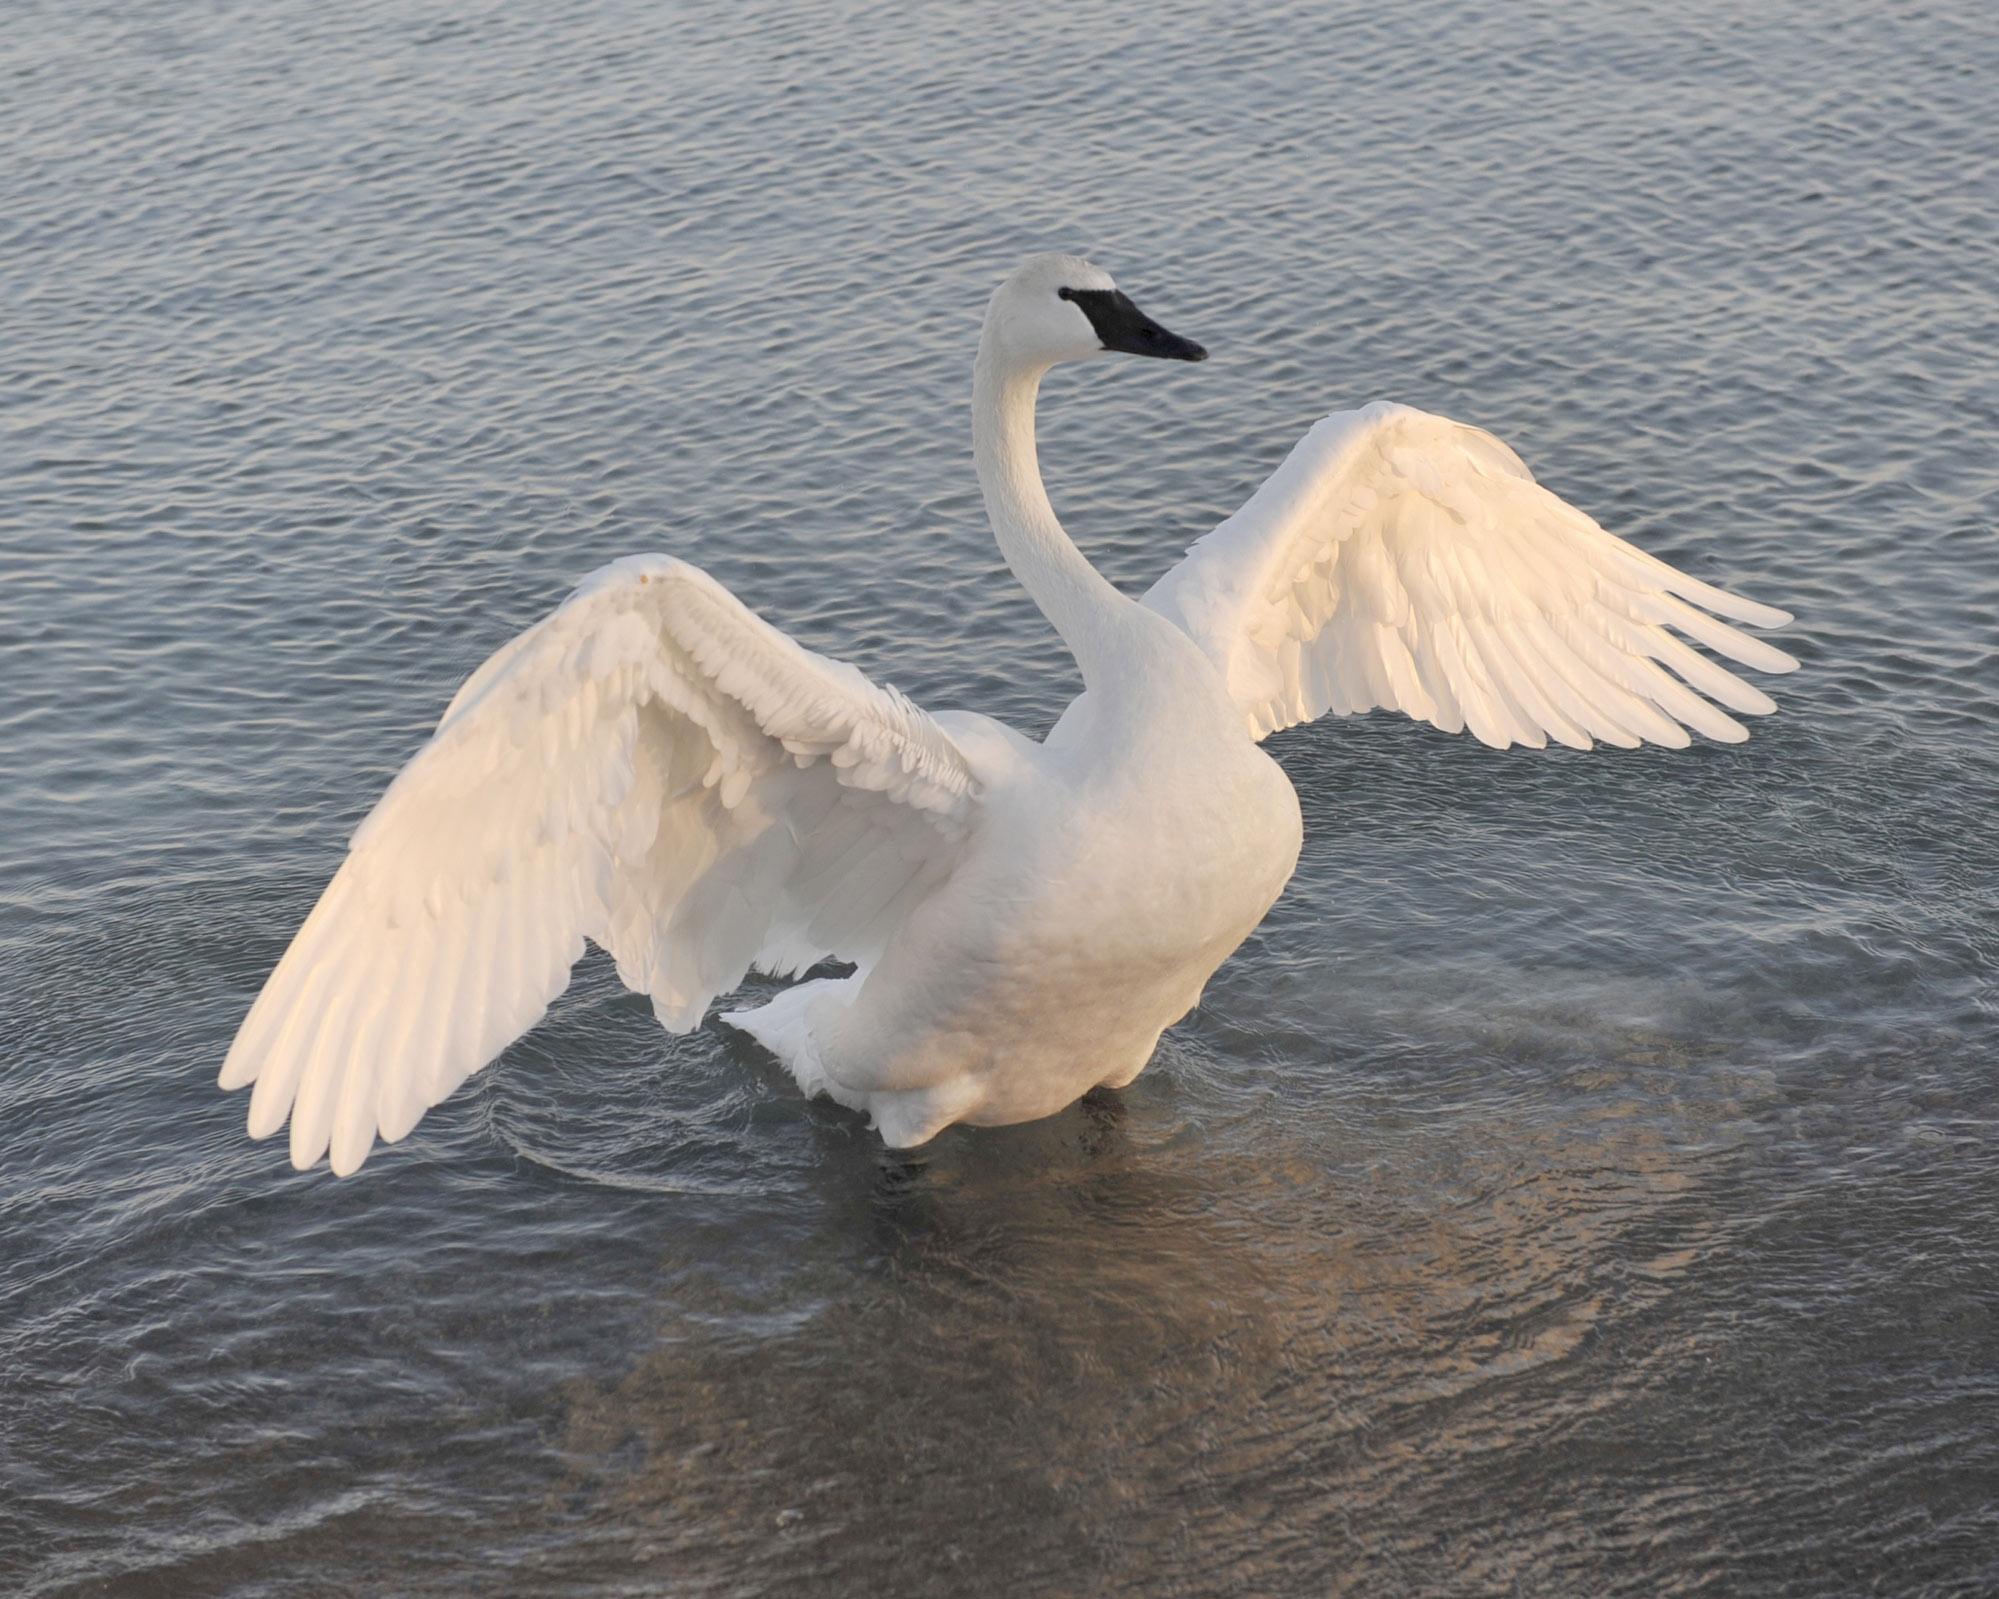 Swan 017 عکس های بسیار زیبا از قو های دوست داشتنی